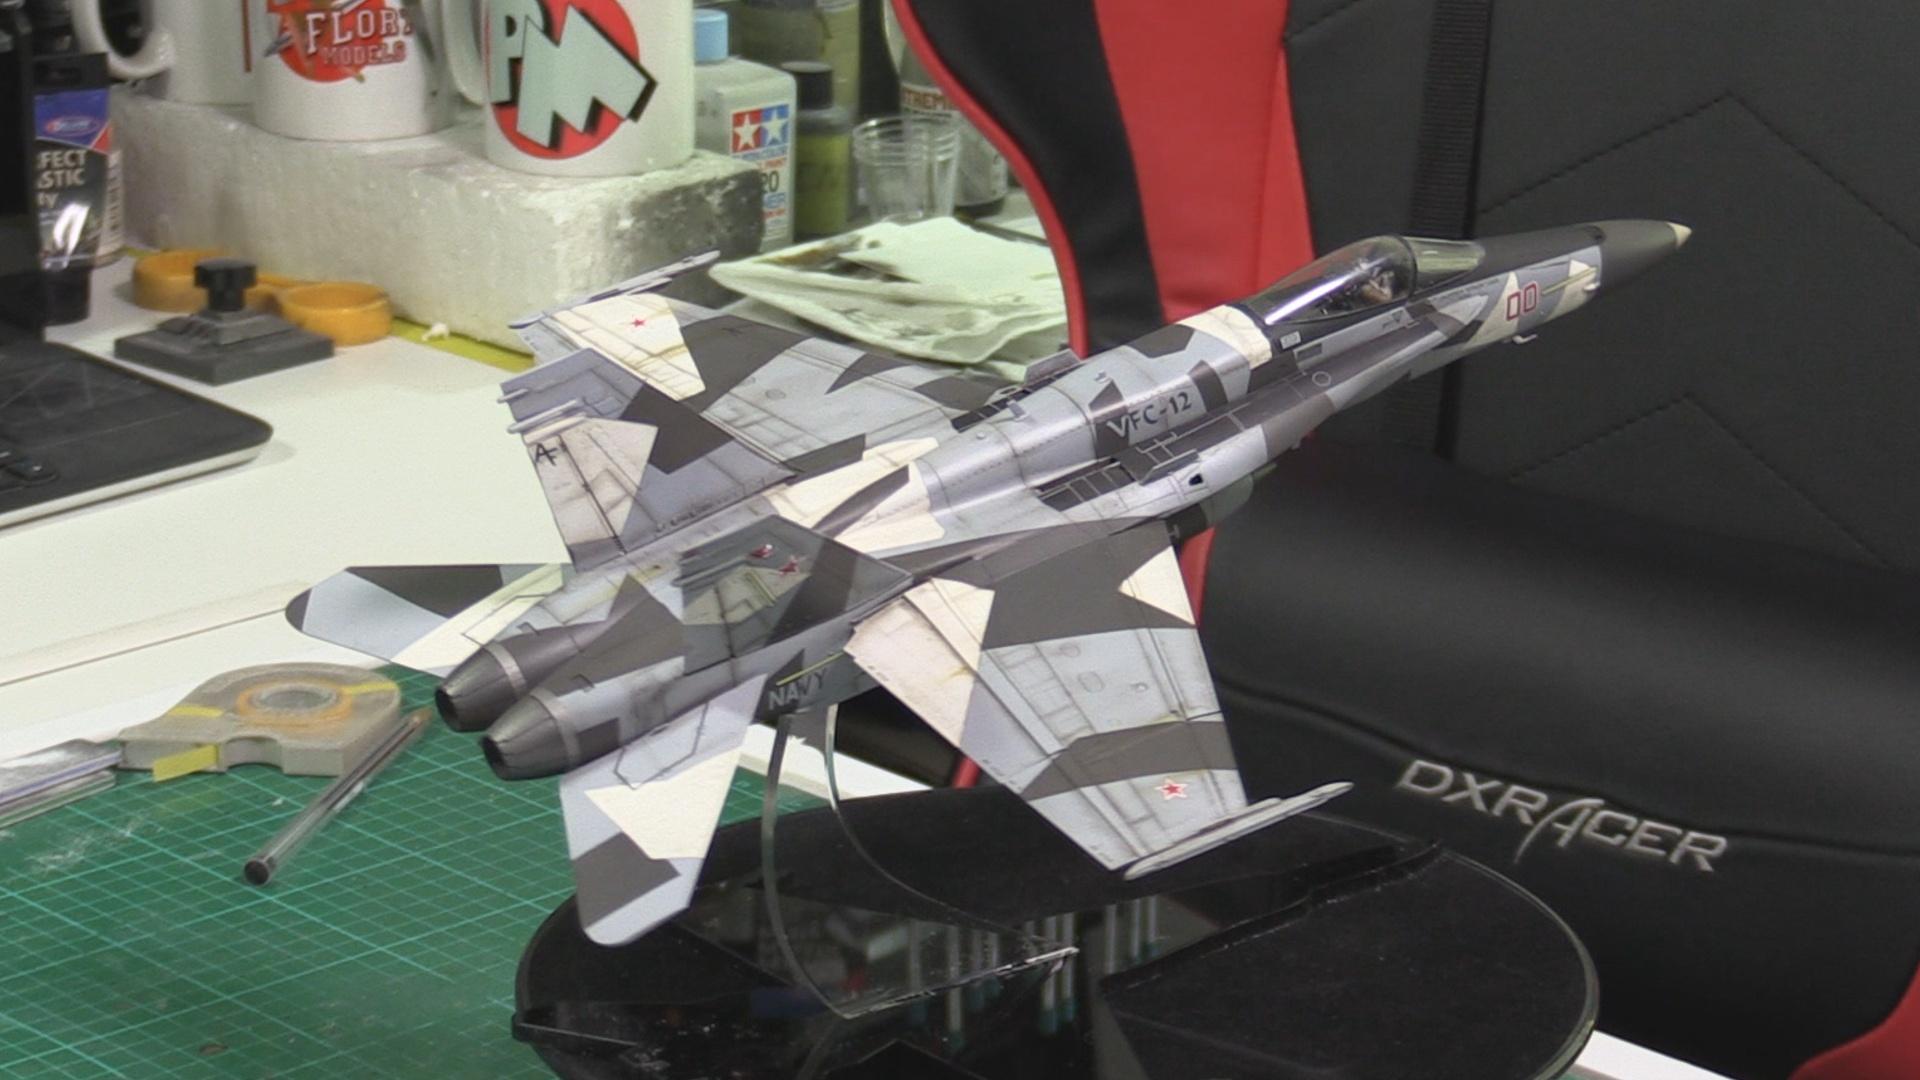 Kinetic Hornet part 8 pic 9.jpg